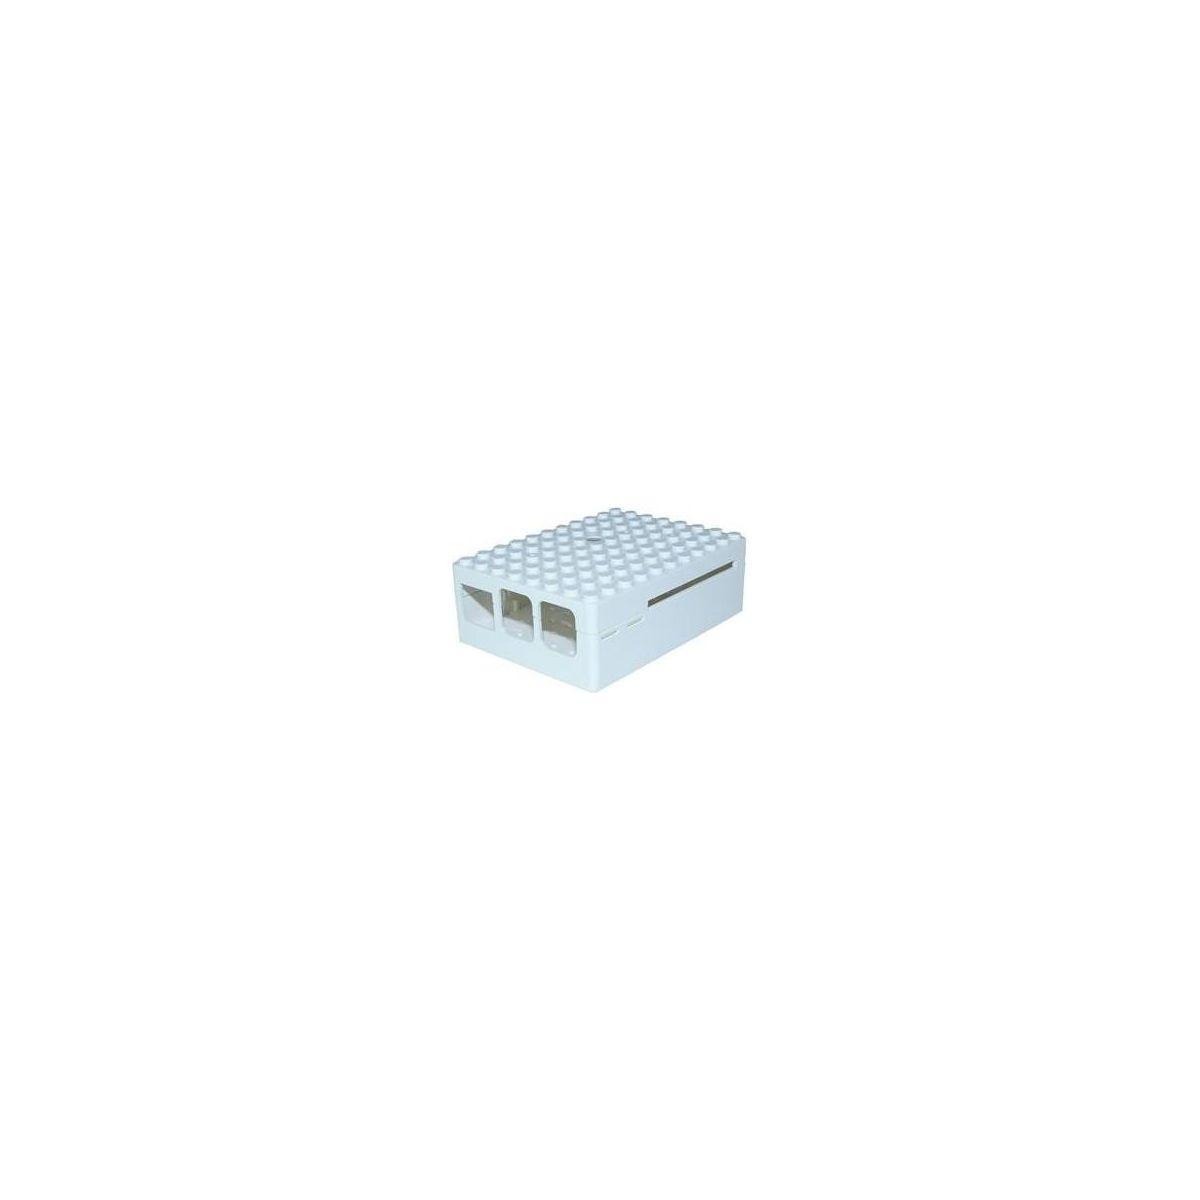 Boitier pc multicomp pi-blox blanc - 2% de remise imm�diate avec le code : school2 (photo)